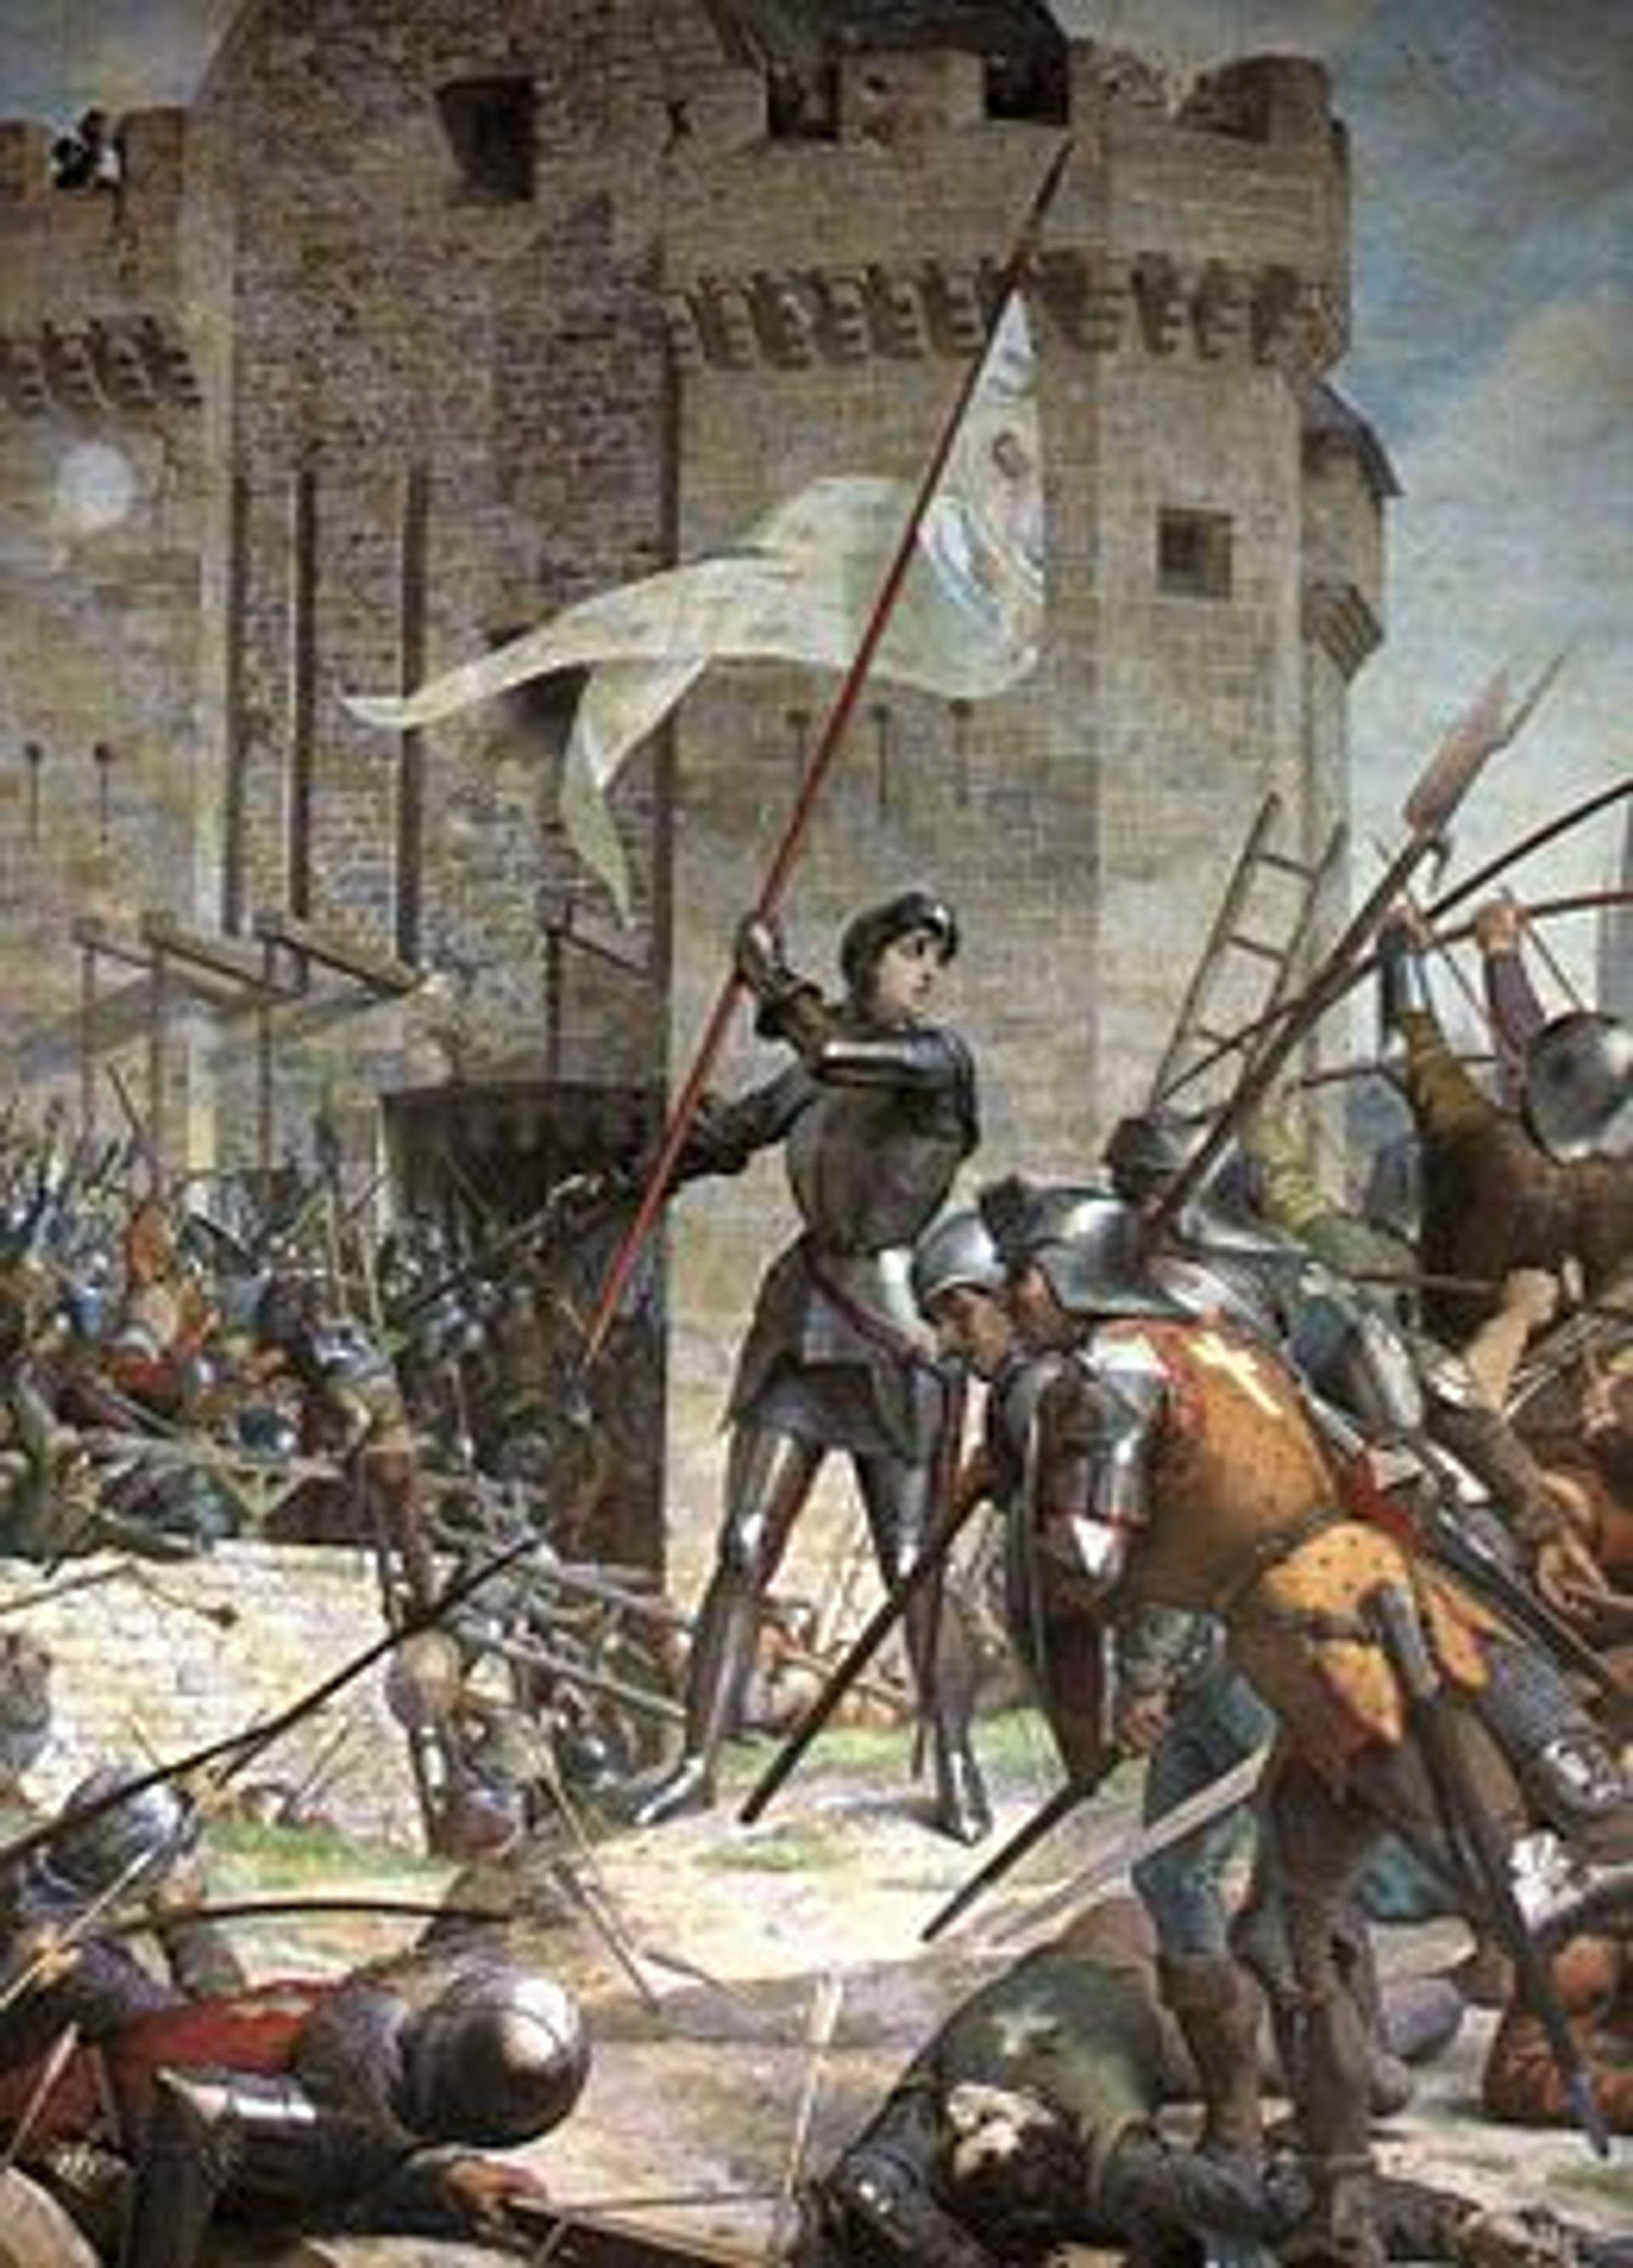 Vrouwen die de wereldgeschiedenis hebben gemaakt: Jeanne d'Arc